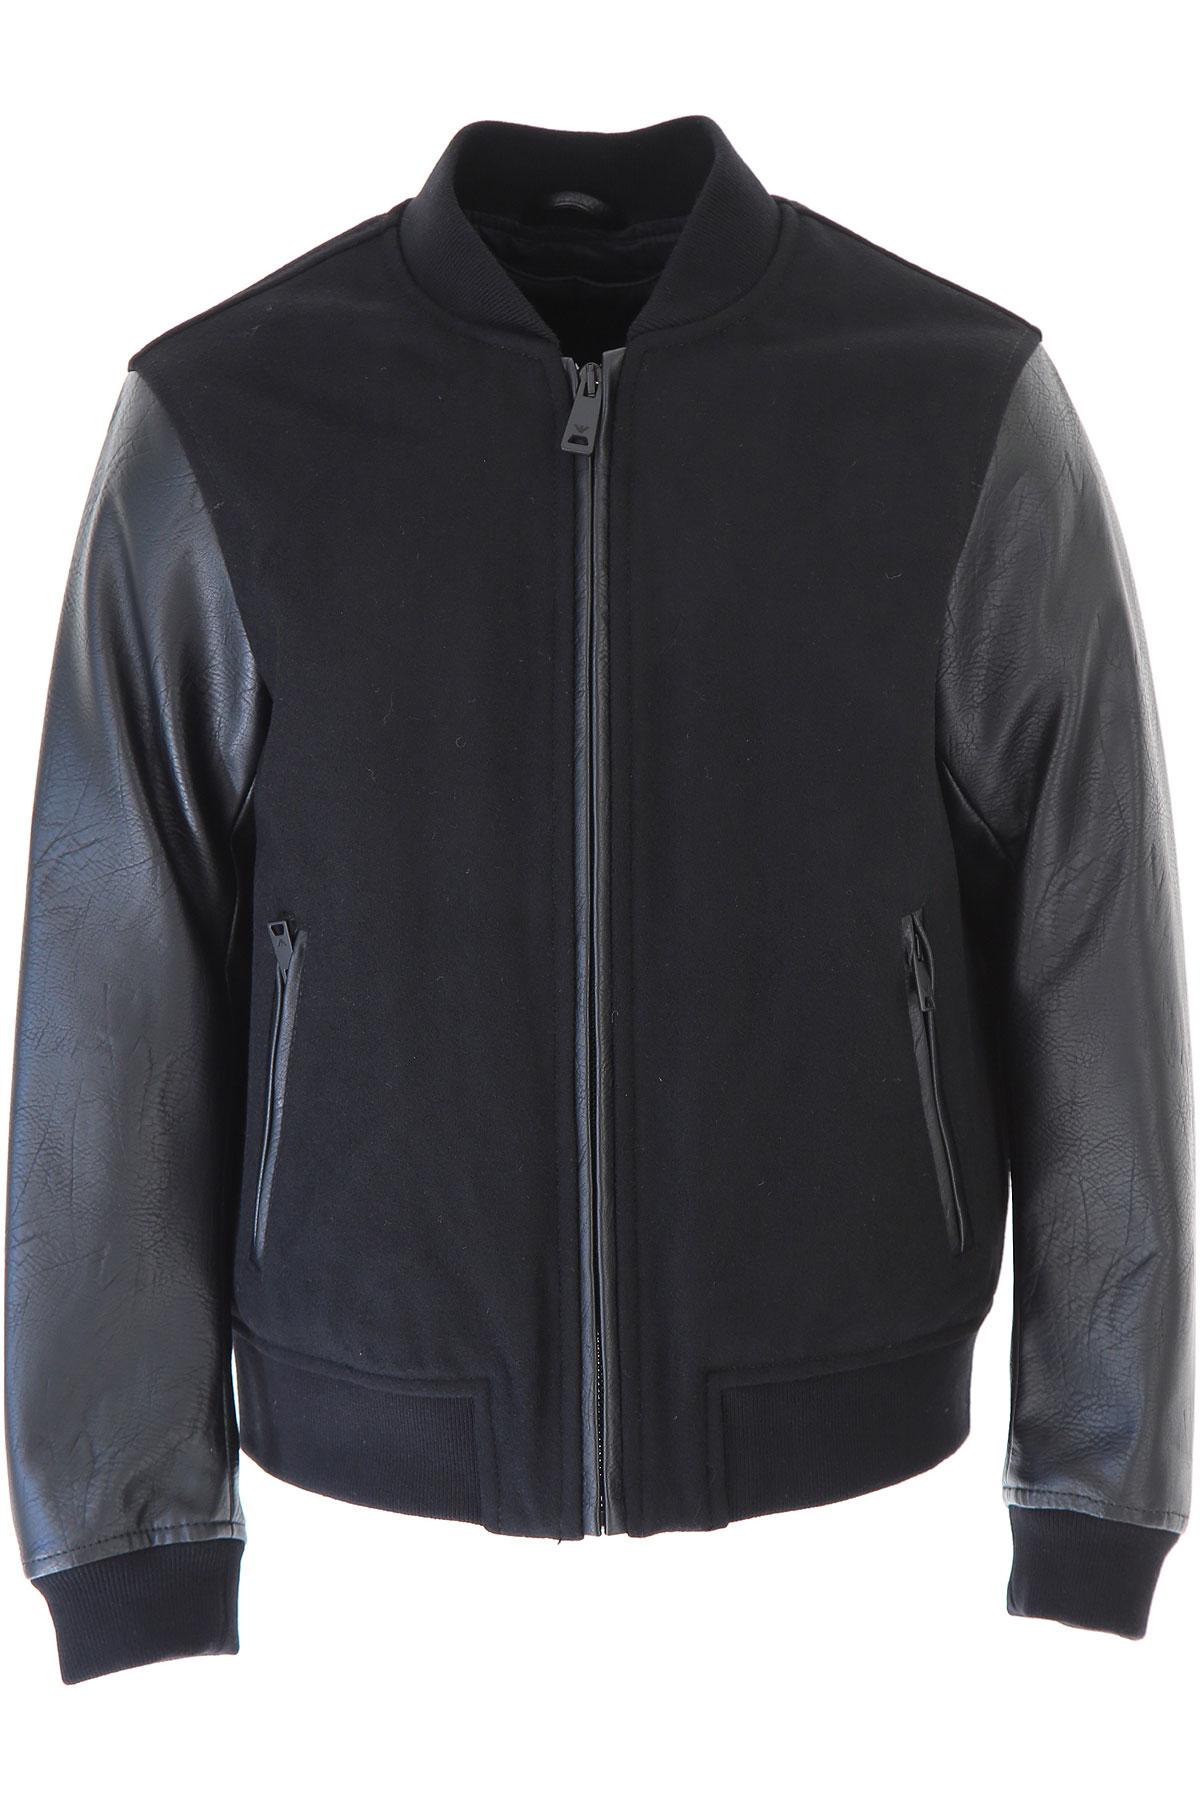 Image of Emporio Armani Kids Jacket for Boys, Black, polyamide, 2017, 10Y 14Y 16Y 8Y